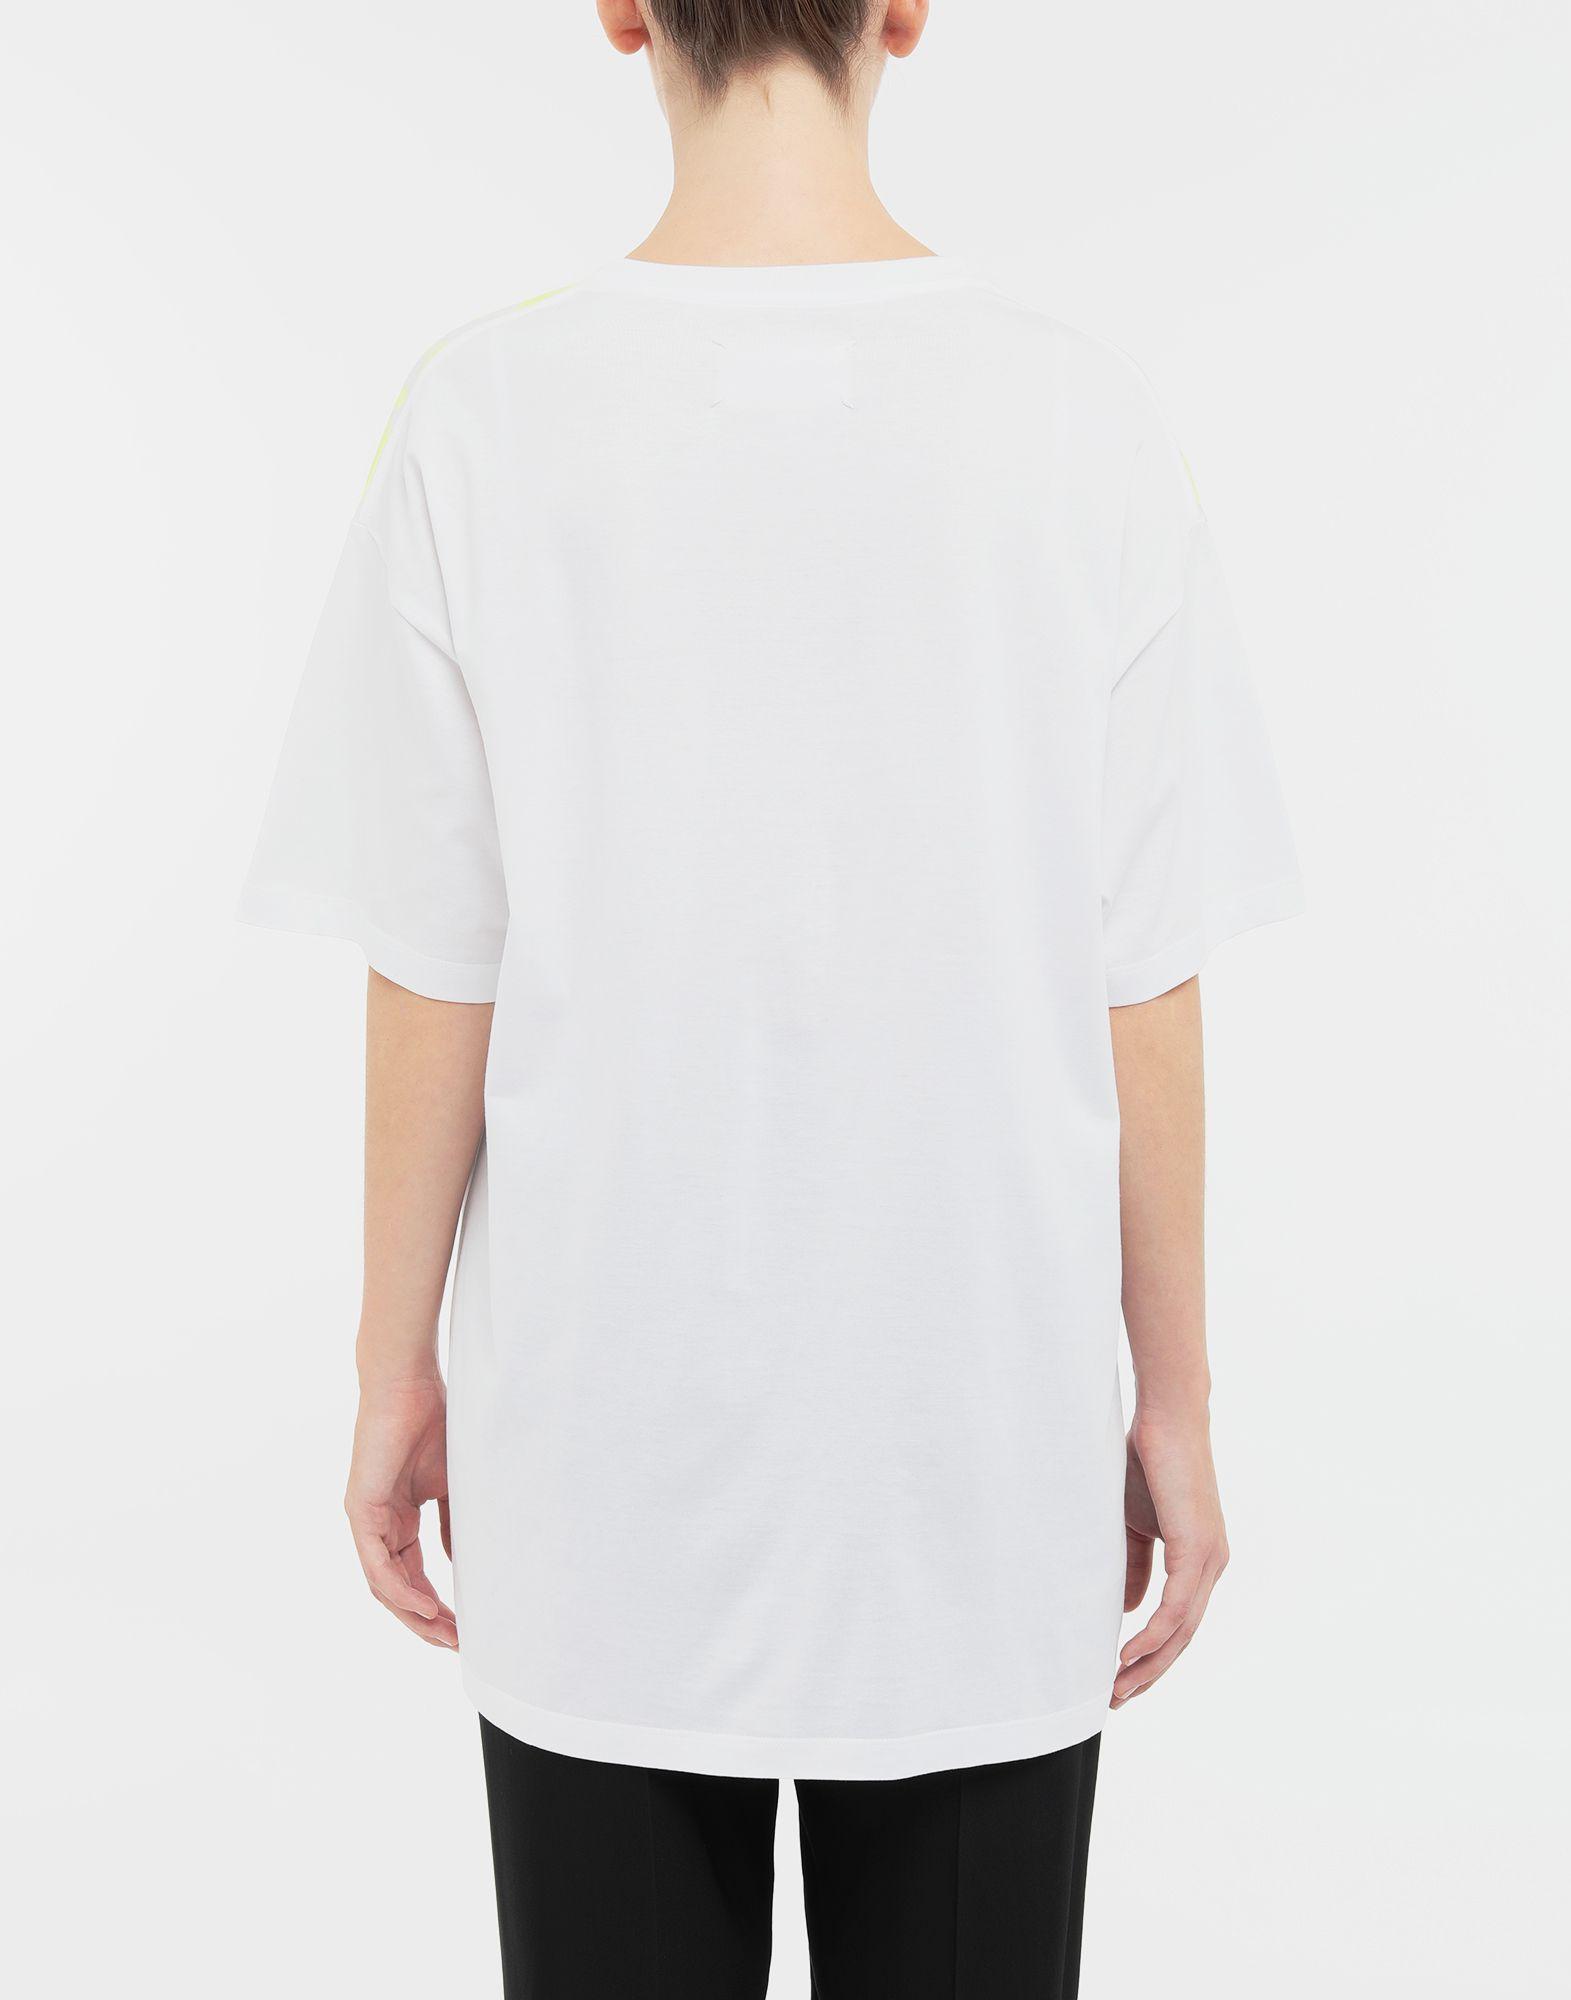 MAISON MARGIELA AIDS Charity-print jersey T-shirt Short sleeve t-shirt Woman e